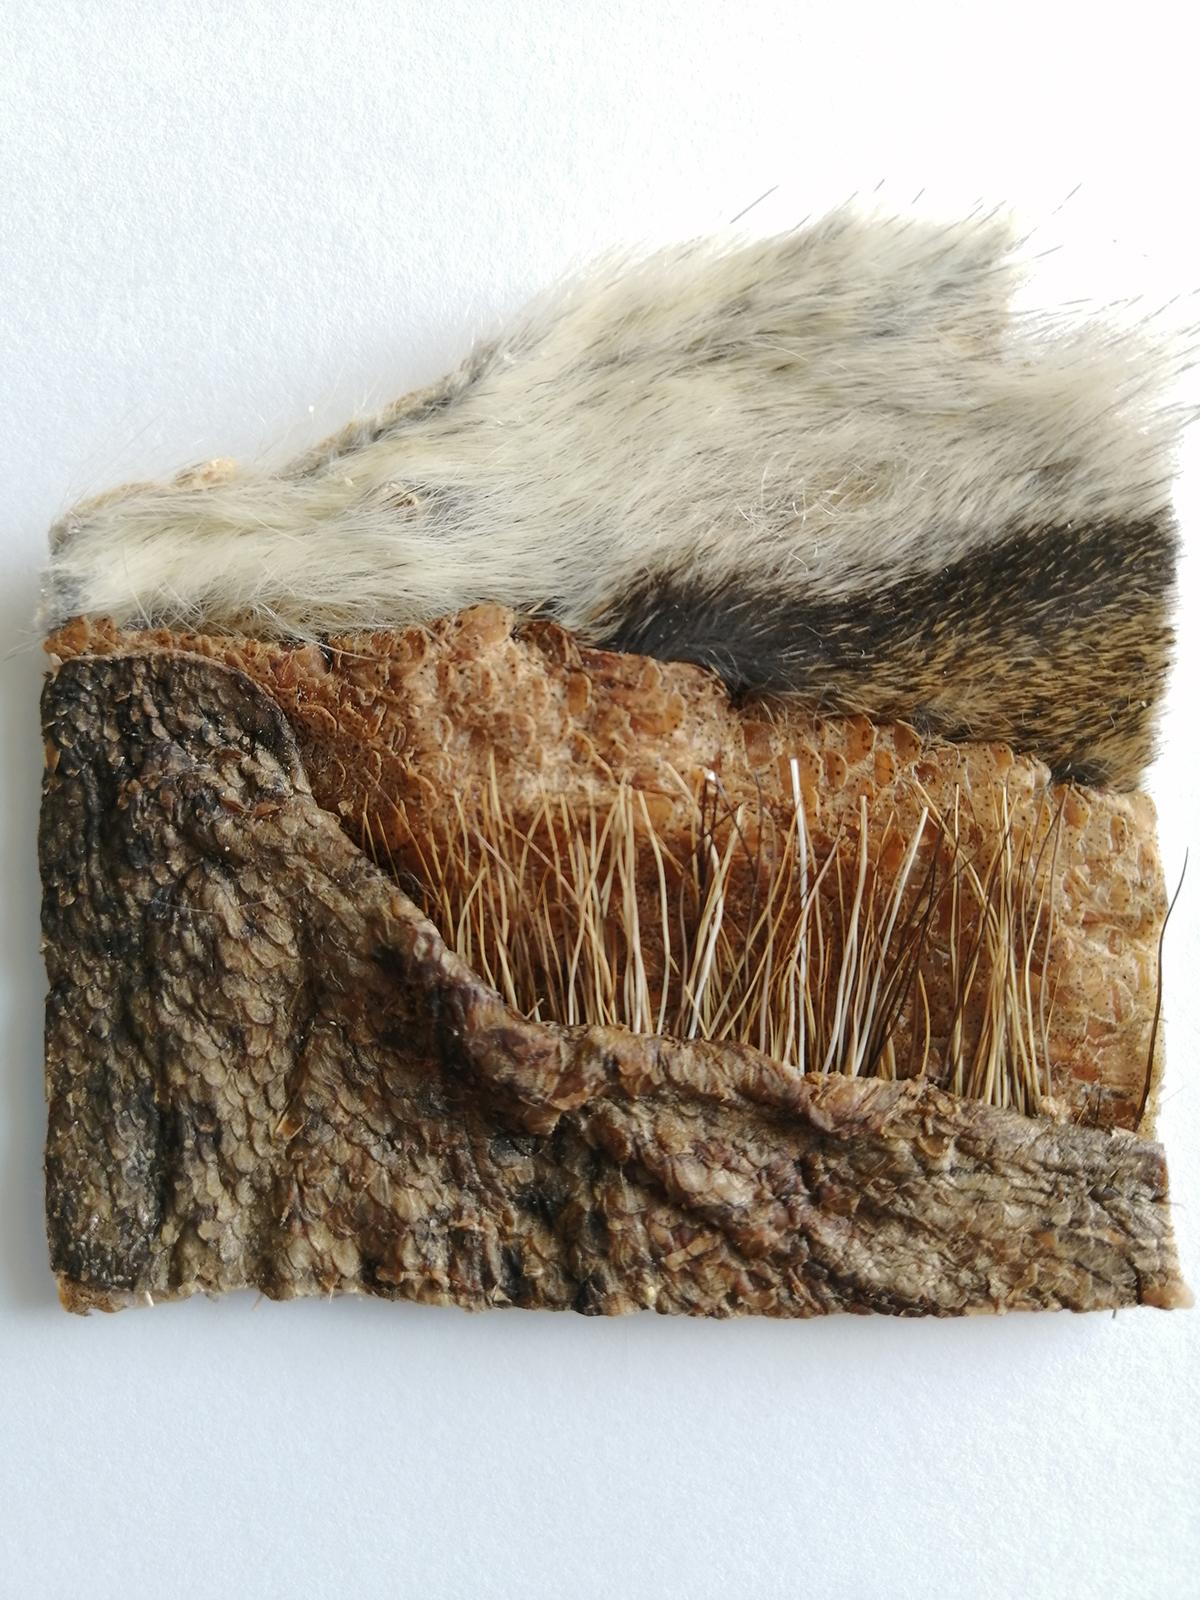 Susan Furneax, Untitled, Atlantic cod (Gadus morhua), Moose Hair (Alces alces), Red Squirrel (Tamiasciurus hudsonicus), 2021, 8 cm x 8 cm (Photo Credit: Jennifer Cake)